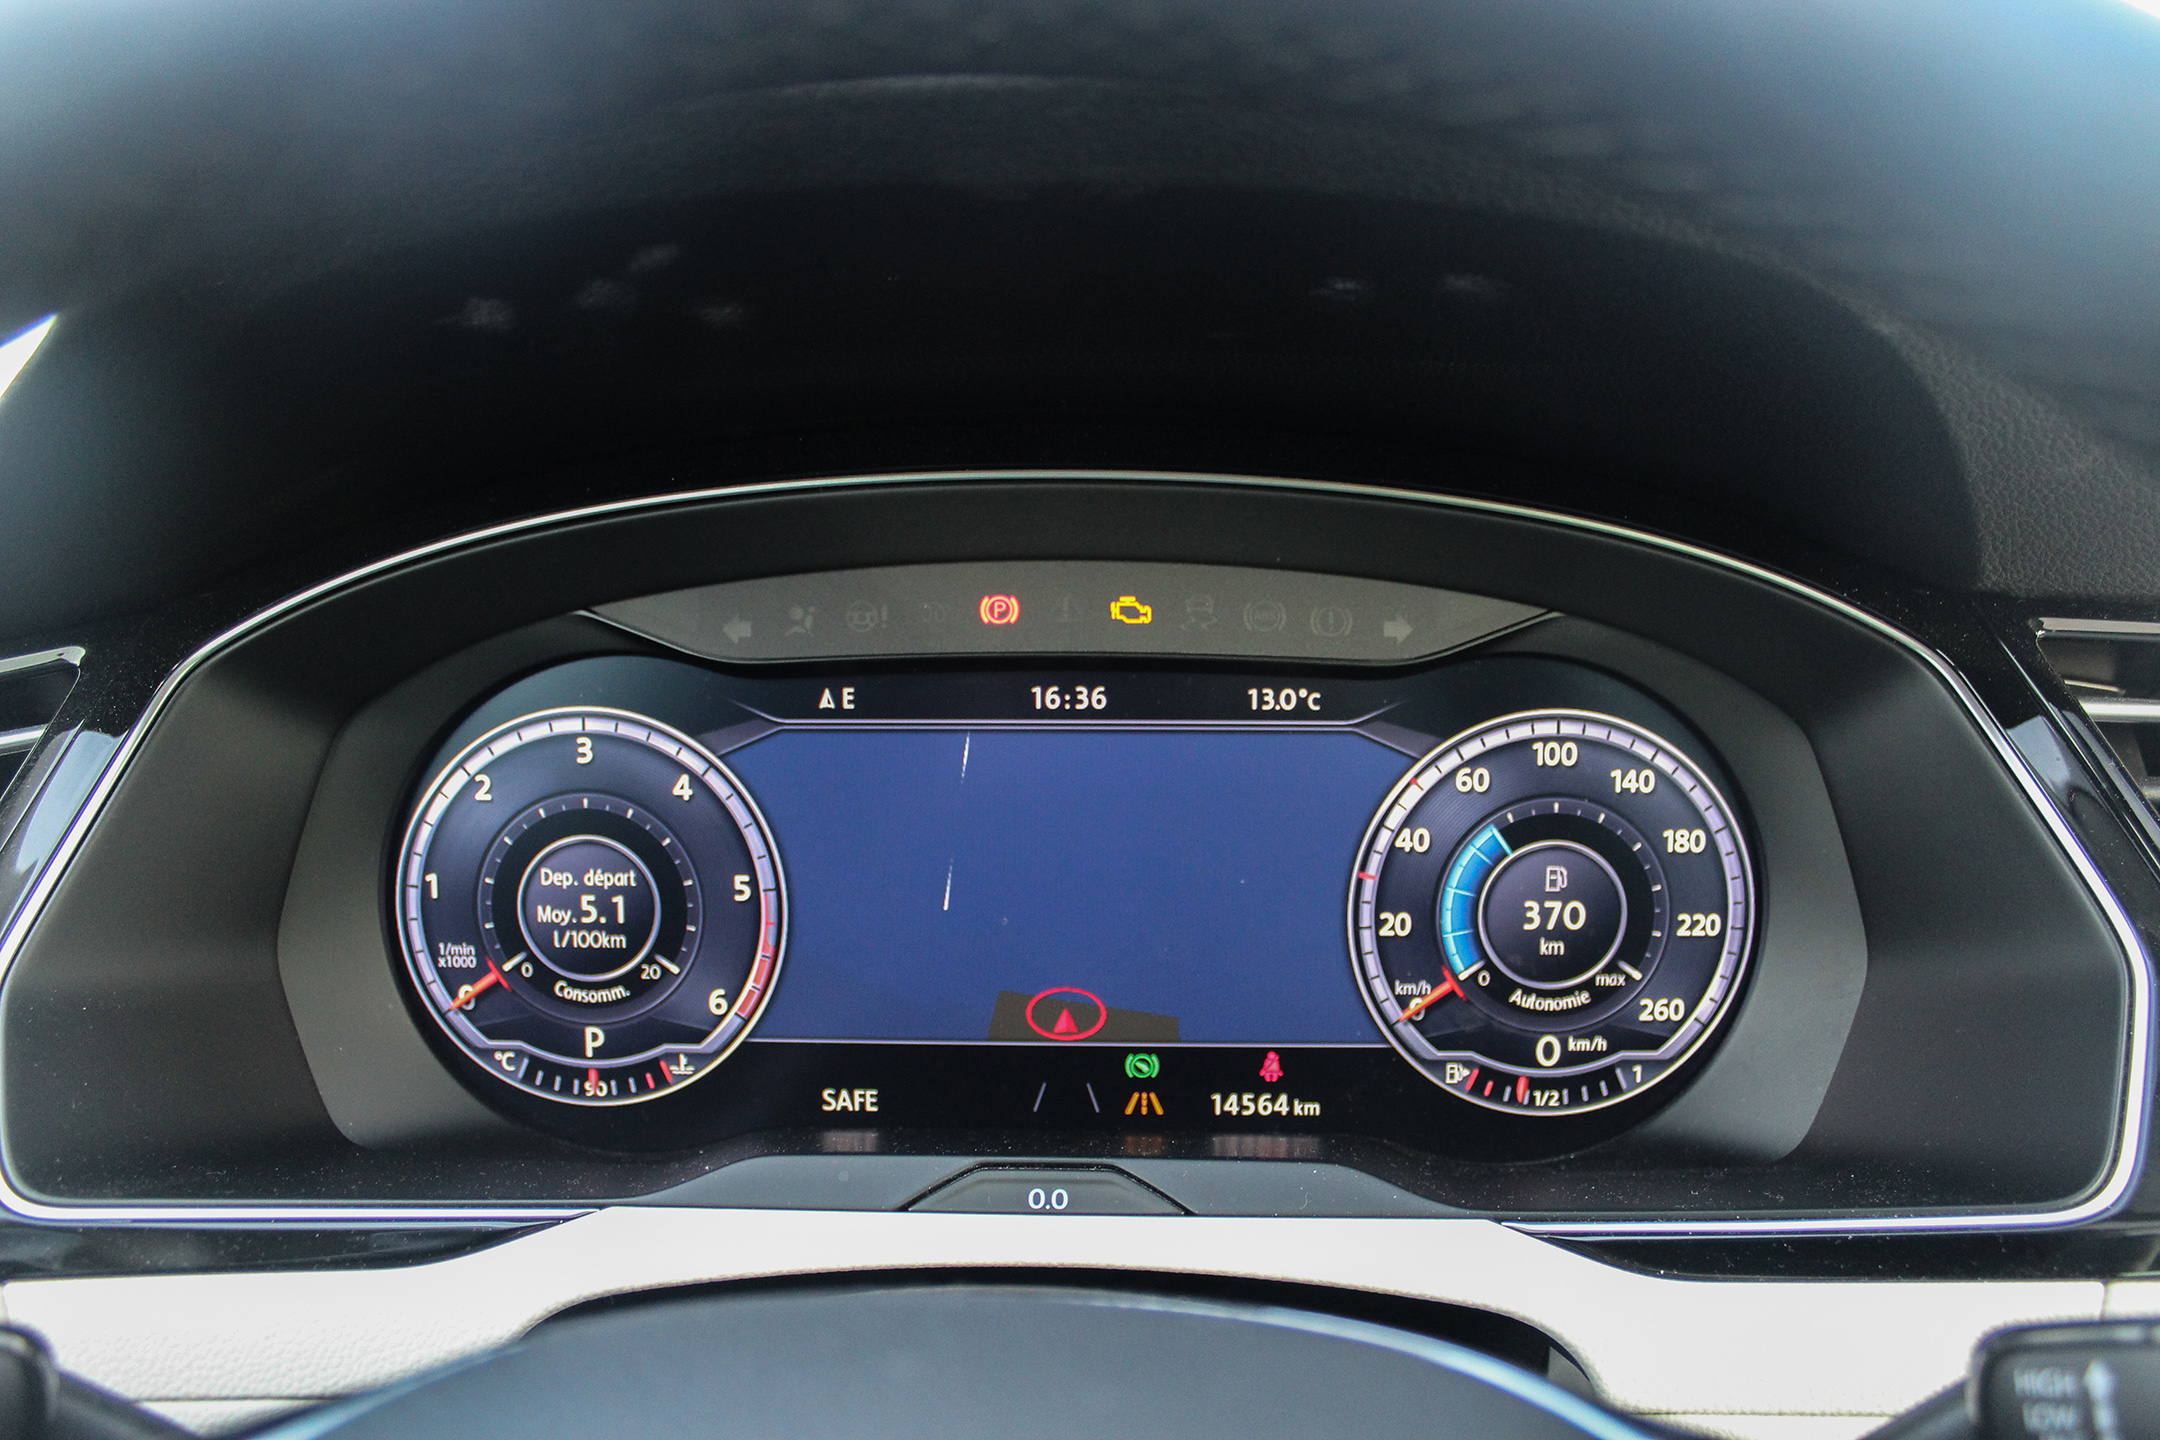 vwpassatsw6-volkswagen-passat-sw-ecran digital-digital screen-arnaud-demasier-rsphotographie